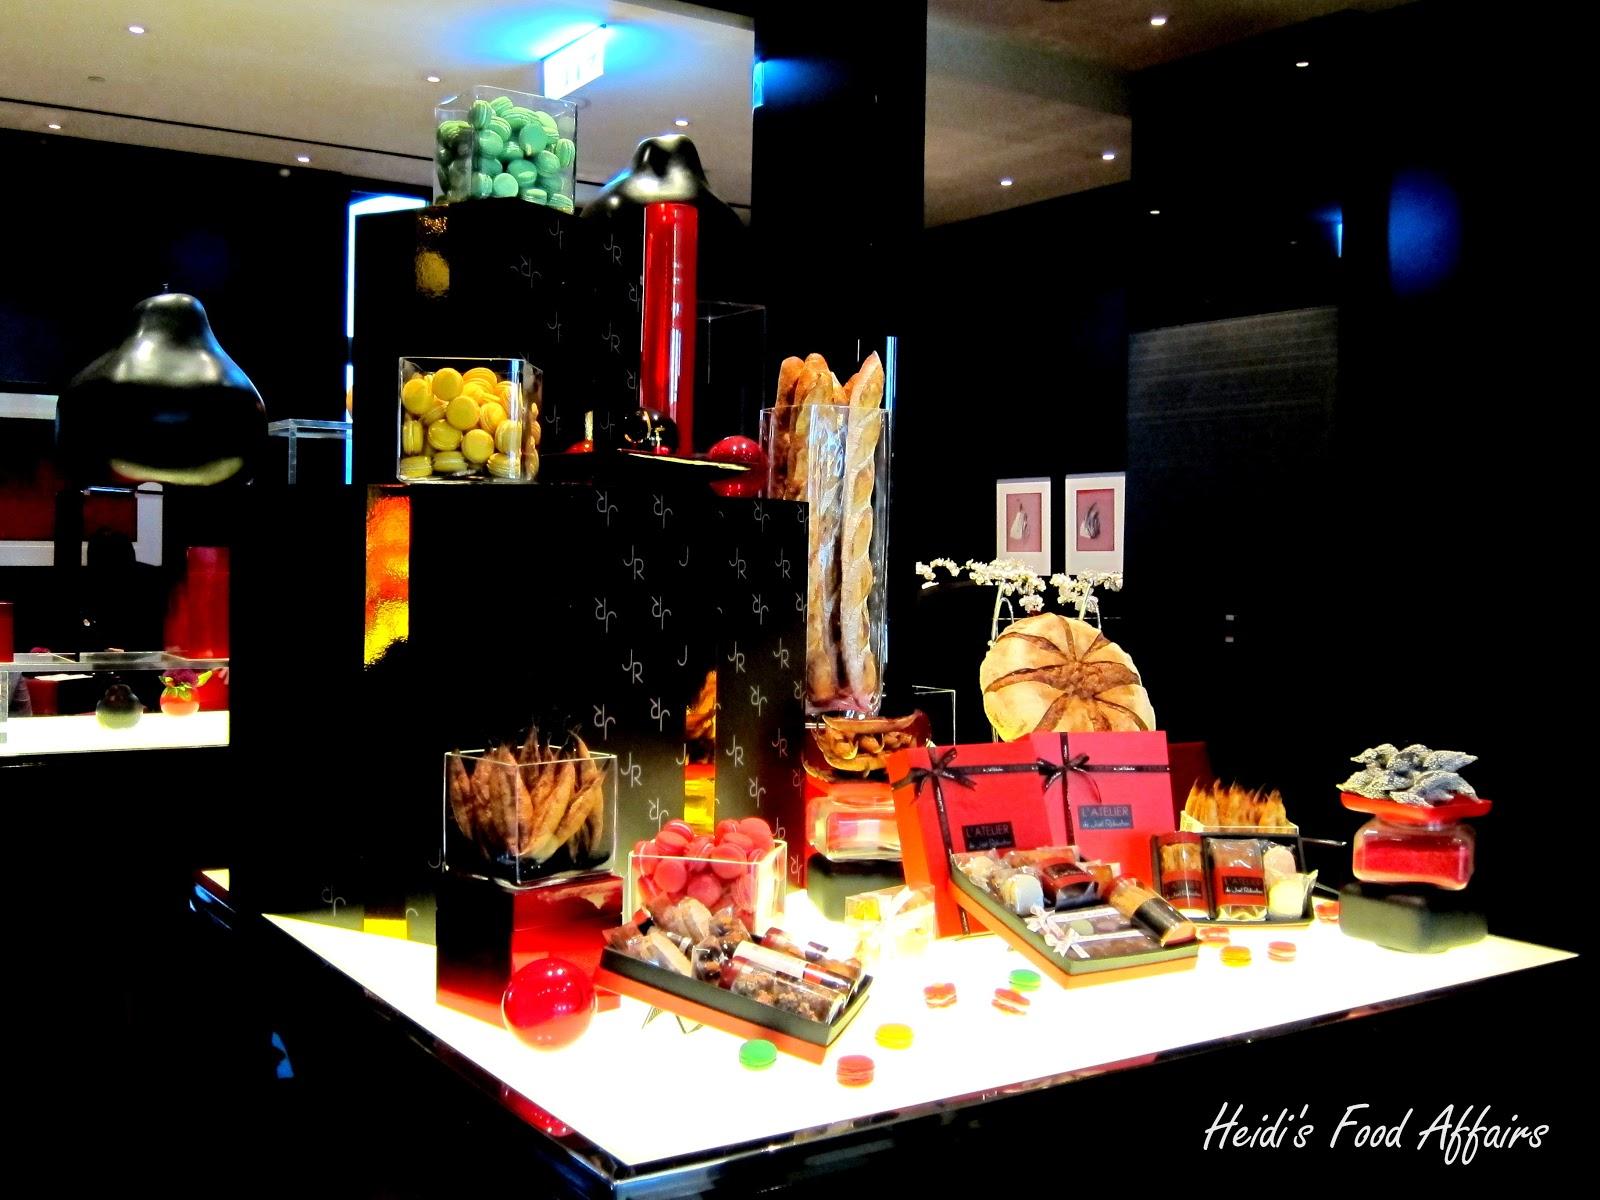 Taipei salon de the de joel robuchon heidi 39 s food affairs - Salon de joel robuchon ...